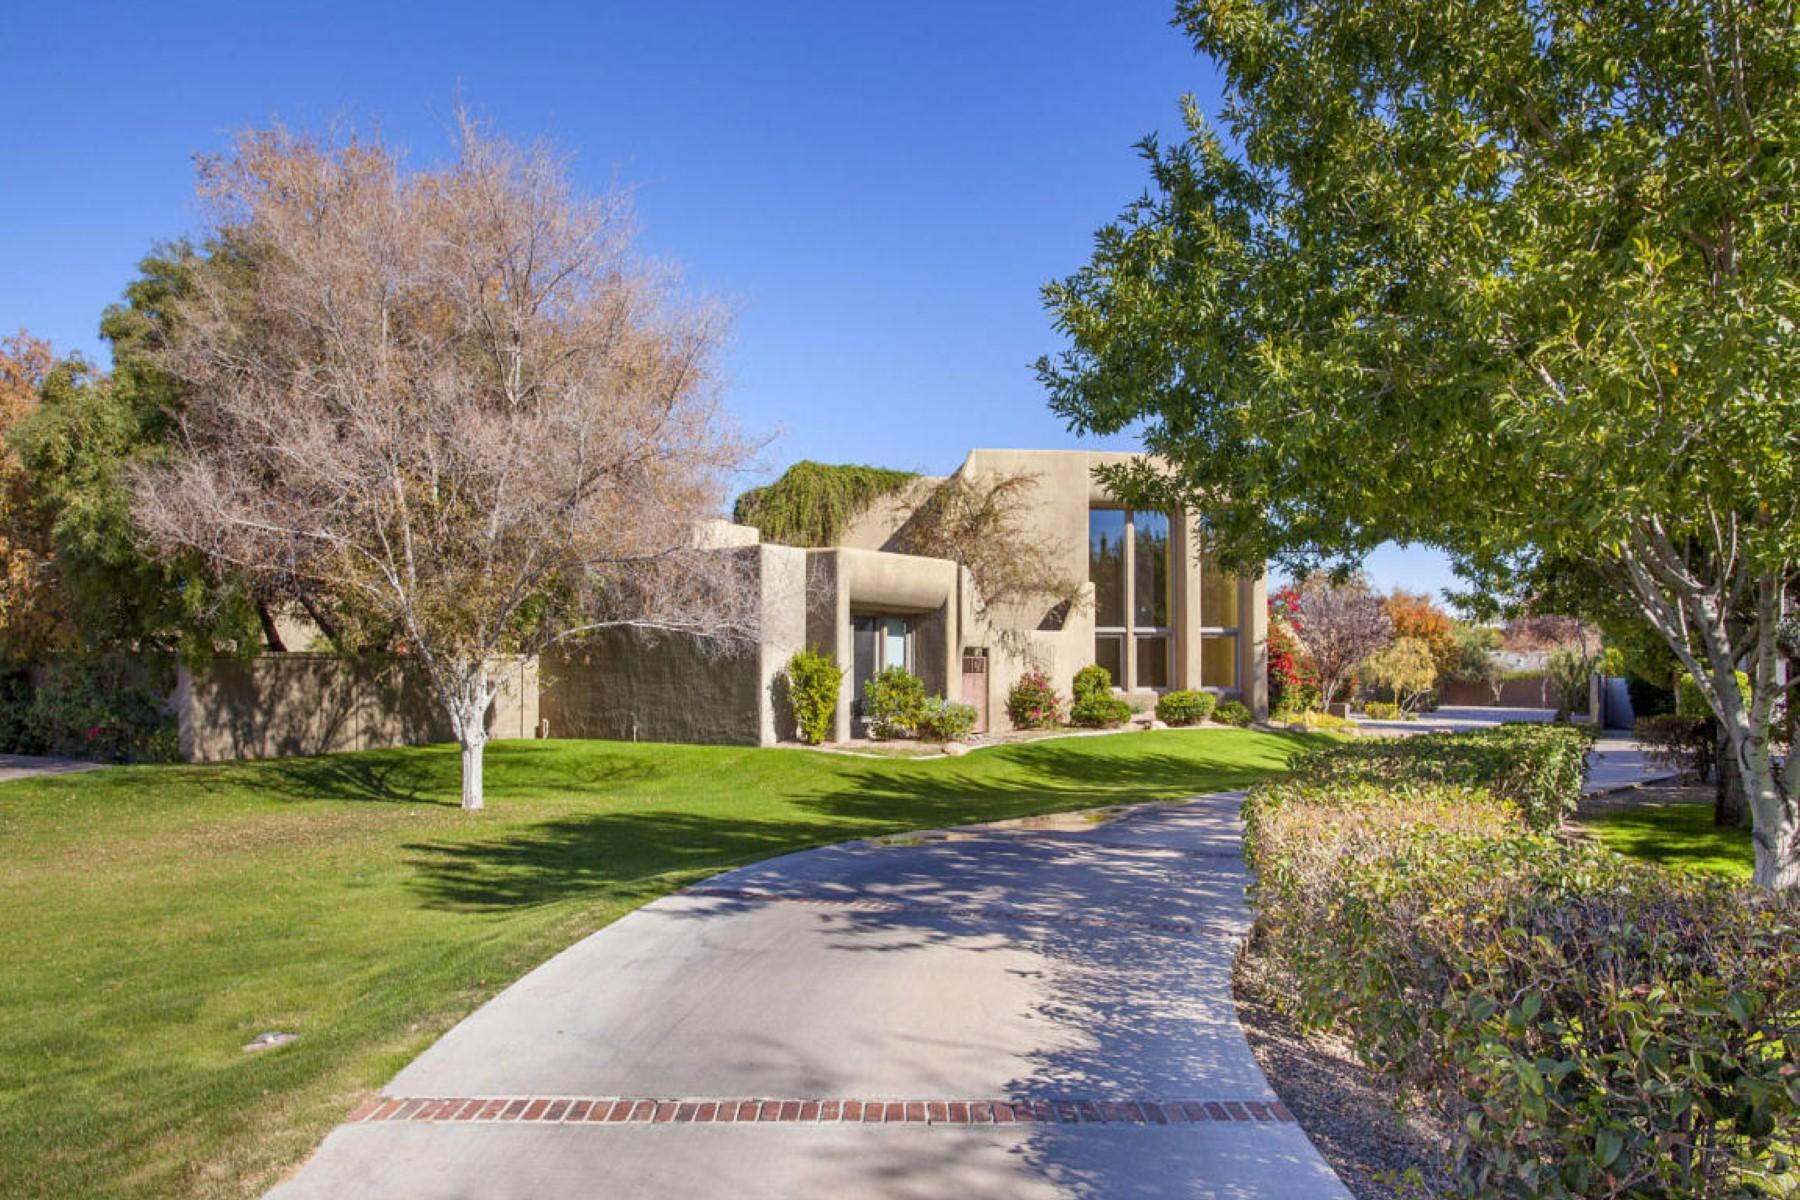 一戸建て のために 売買 アット An amazing gated 1.41 acre estate in the heart of Arcadia 4357 N 66Tth St Scottsdale, アリゾナ, 85251 アメリカ合衆国